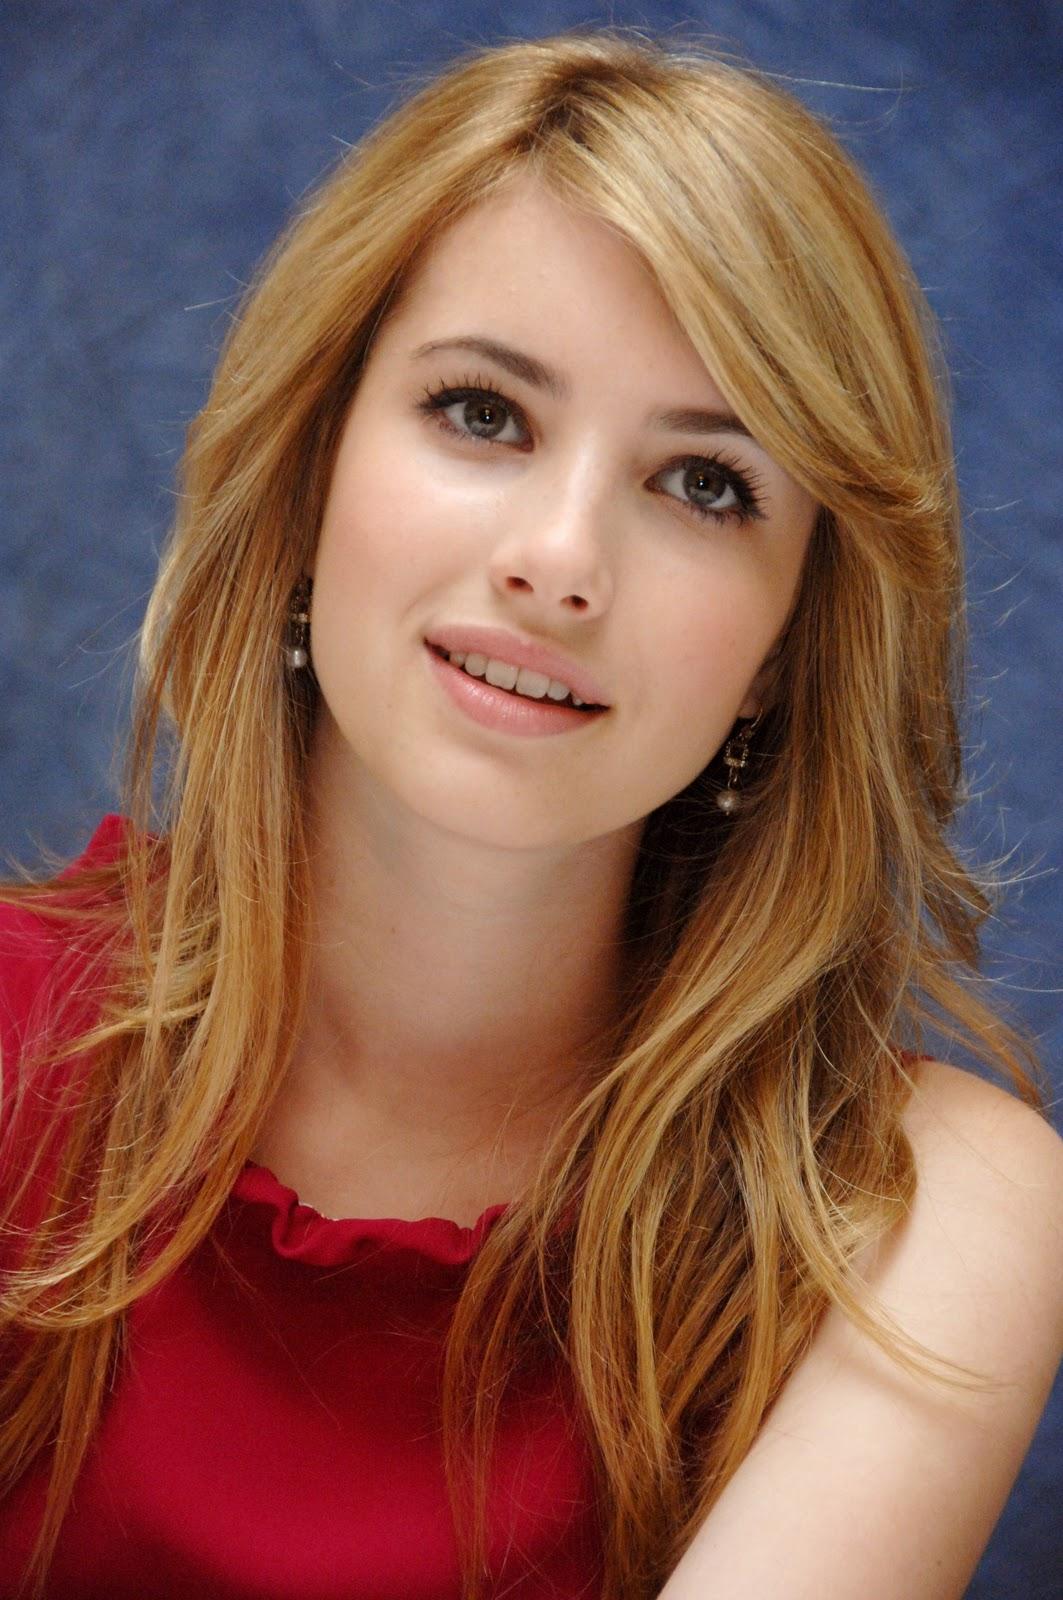 Hollywood Actress Emma Roberts hot Photos | musiqexpro